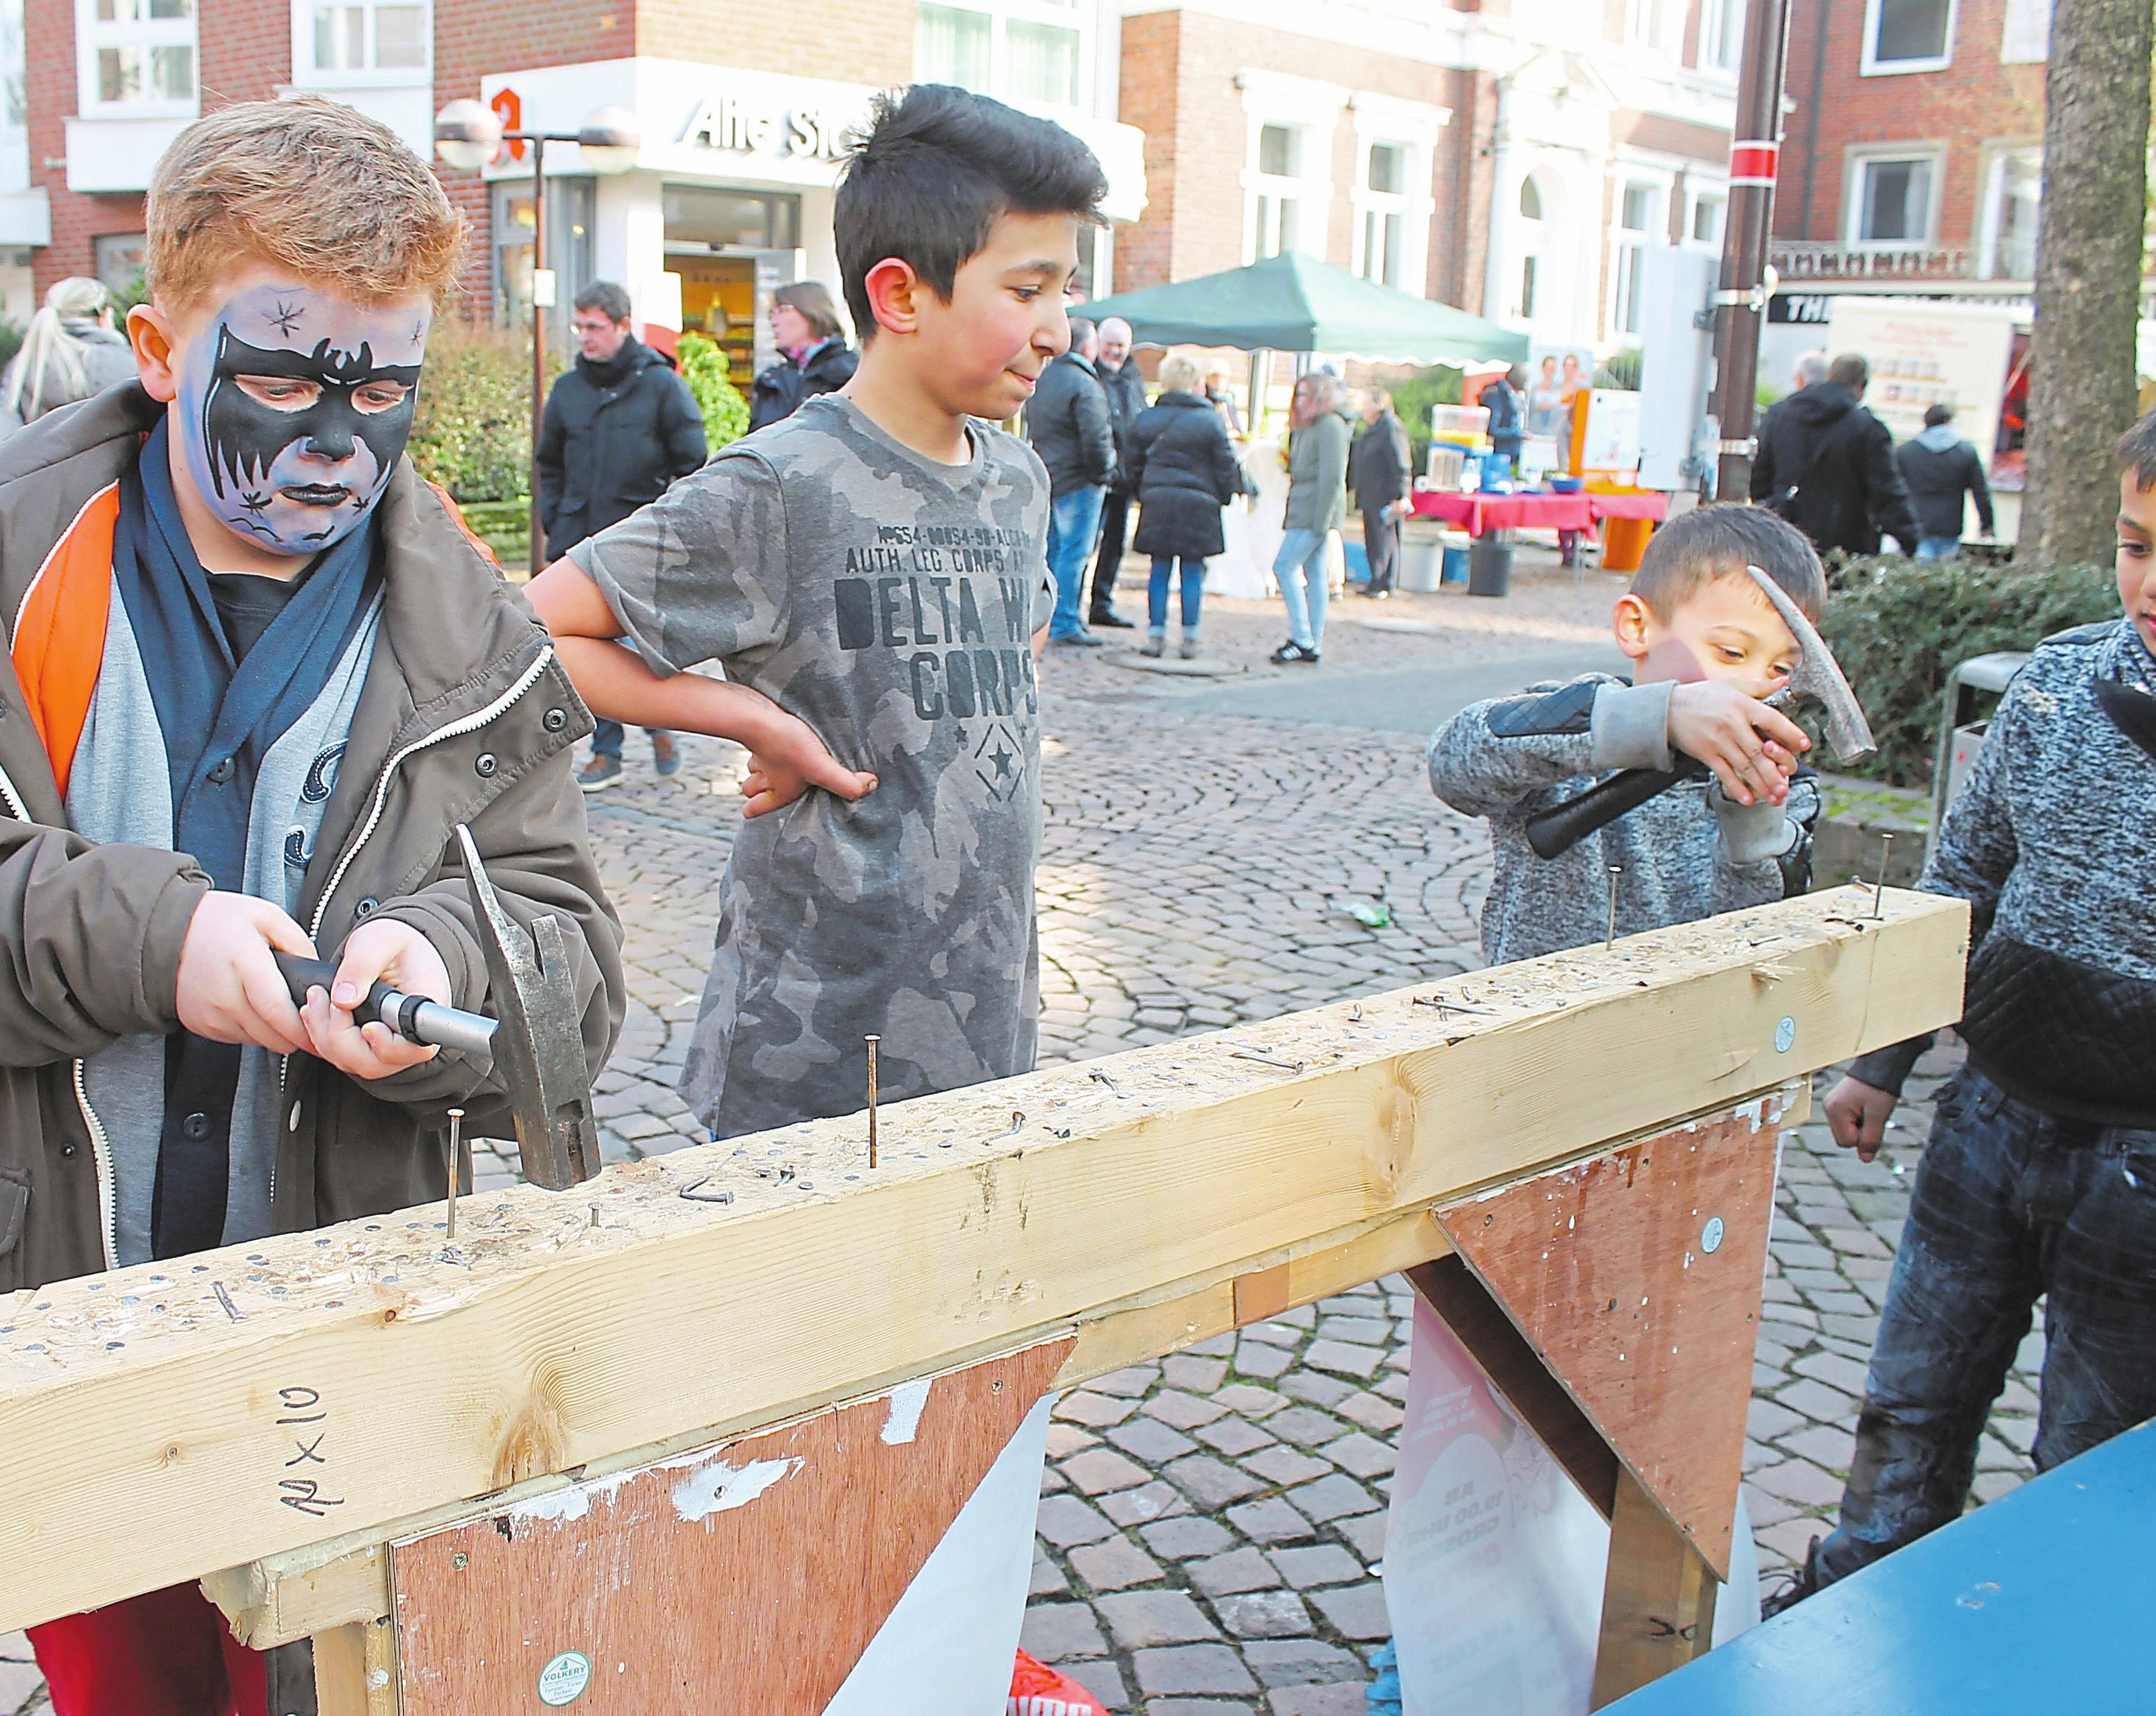 Auch kleine Spiele können den Besuchern großen Spaß bereiten. Fotos: Irmgard Tappe